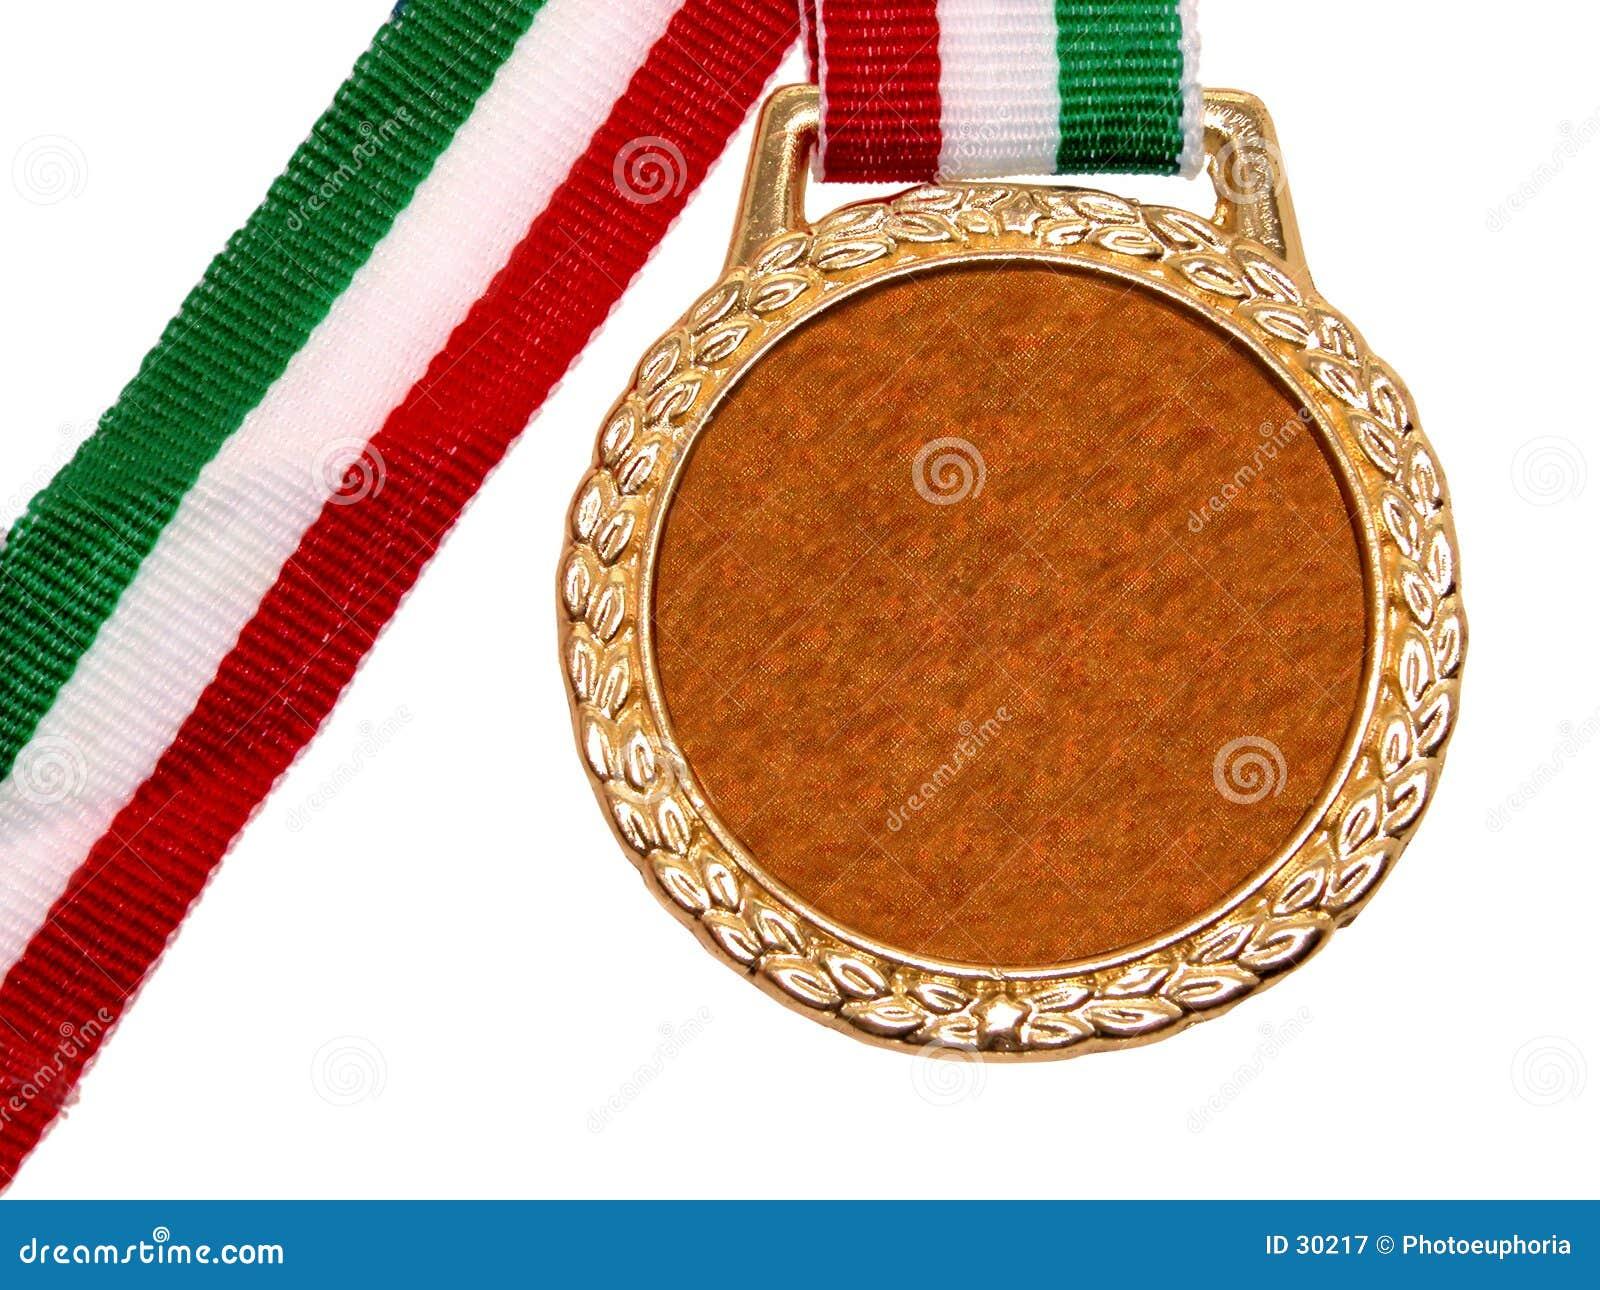 金绿色奖牌混杂红色丝带发光的白色